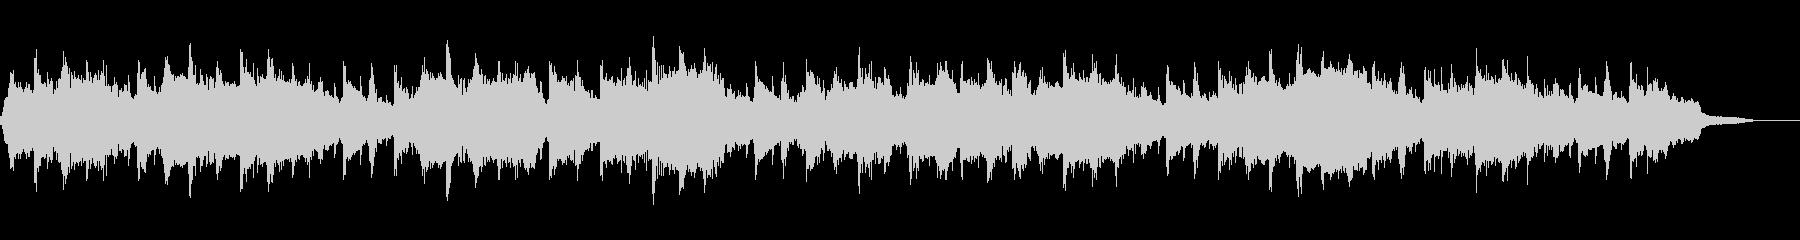 ボサノヴァ風のワルツの未再生の波形